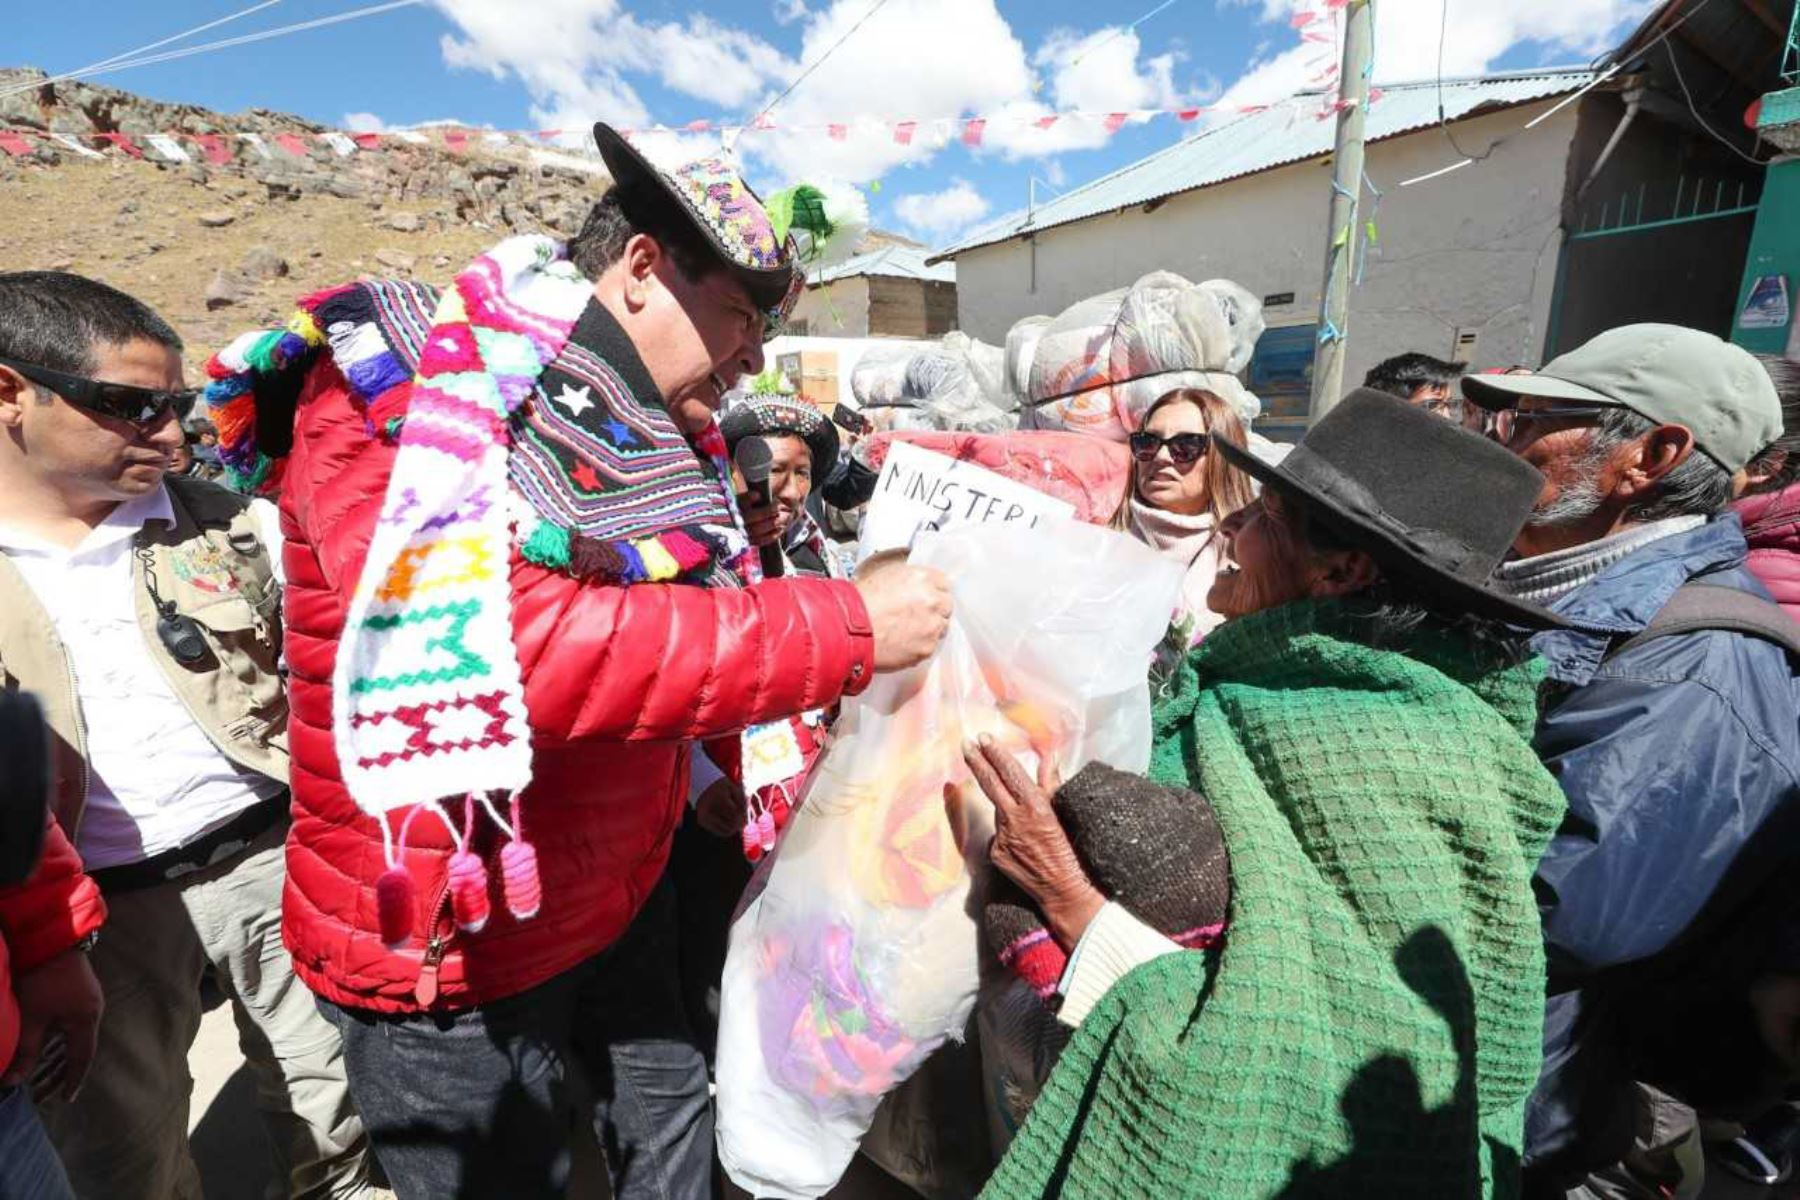 Un total de 158.09 toneladas de ayuda humanitaria, entre alimentos no perecibles y bienes diversos, es lo que ha entregado hasta el momento el Ejecutivo, a través del Instituto Nacional de Defensa Civil (Indeci), a la población afectada por las bajas temperaturas en la región Huancavelica, en el marco del Plan Multisectorial ante Heladas y Friaje 2018.